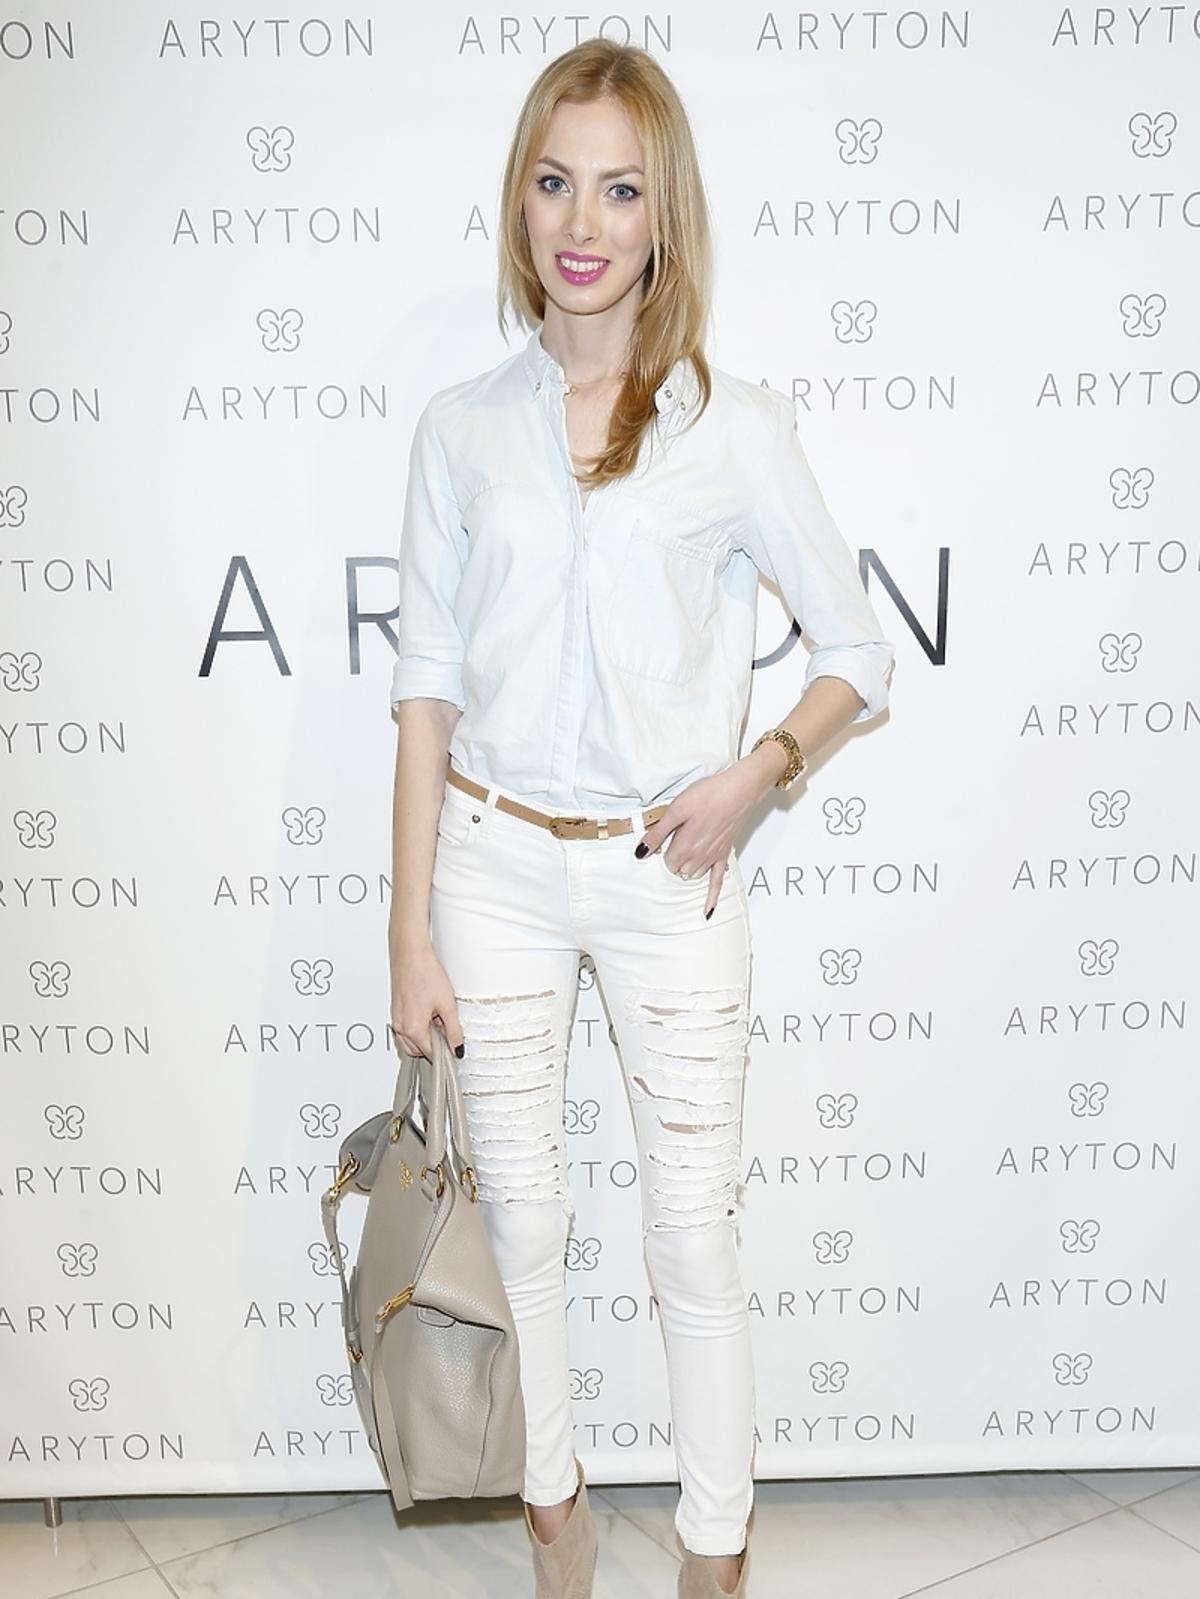 Charlize Mystery na pokazie nowej kolekcji marki Aryton